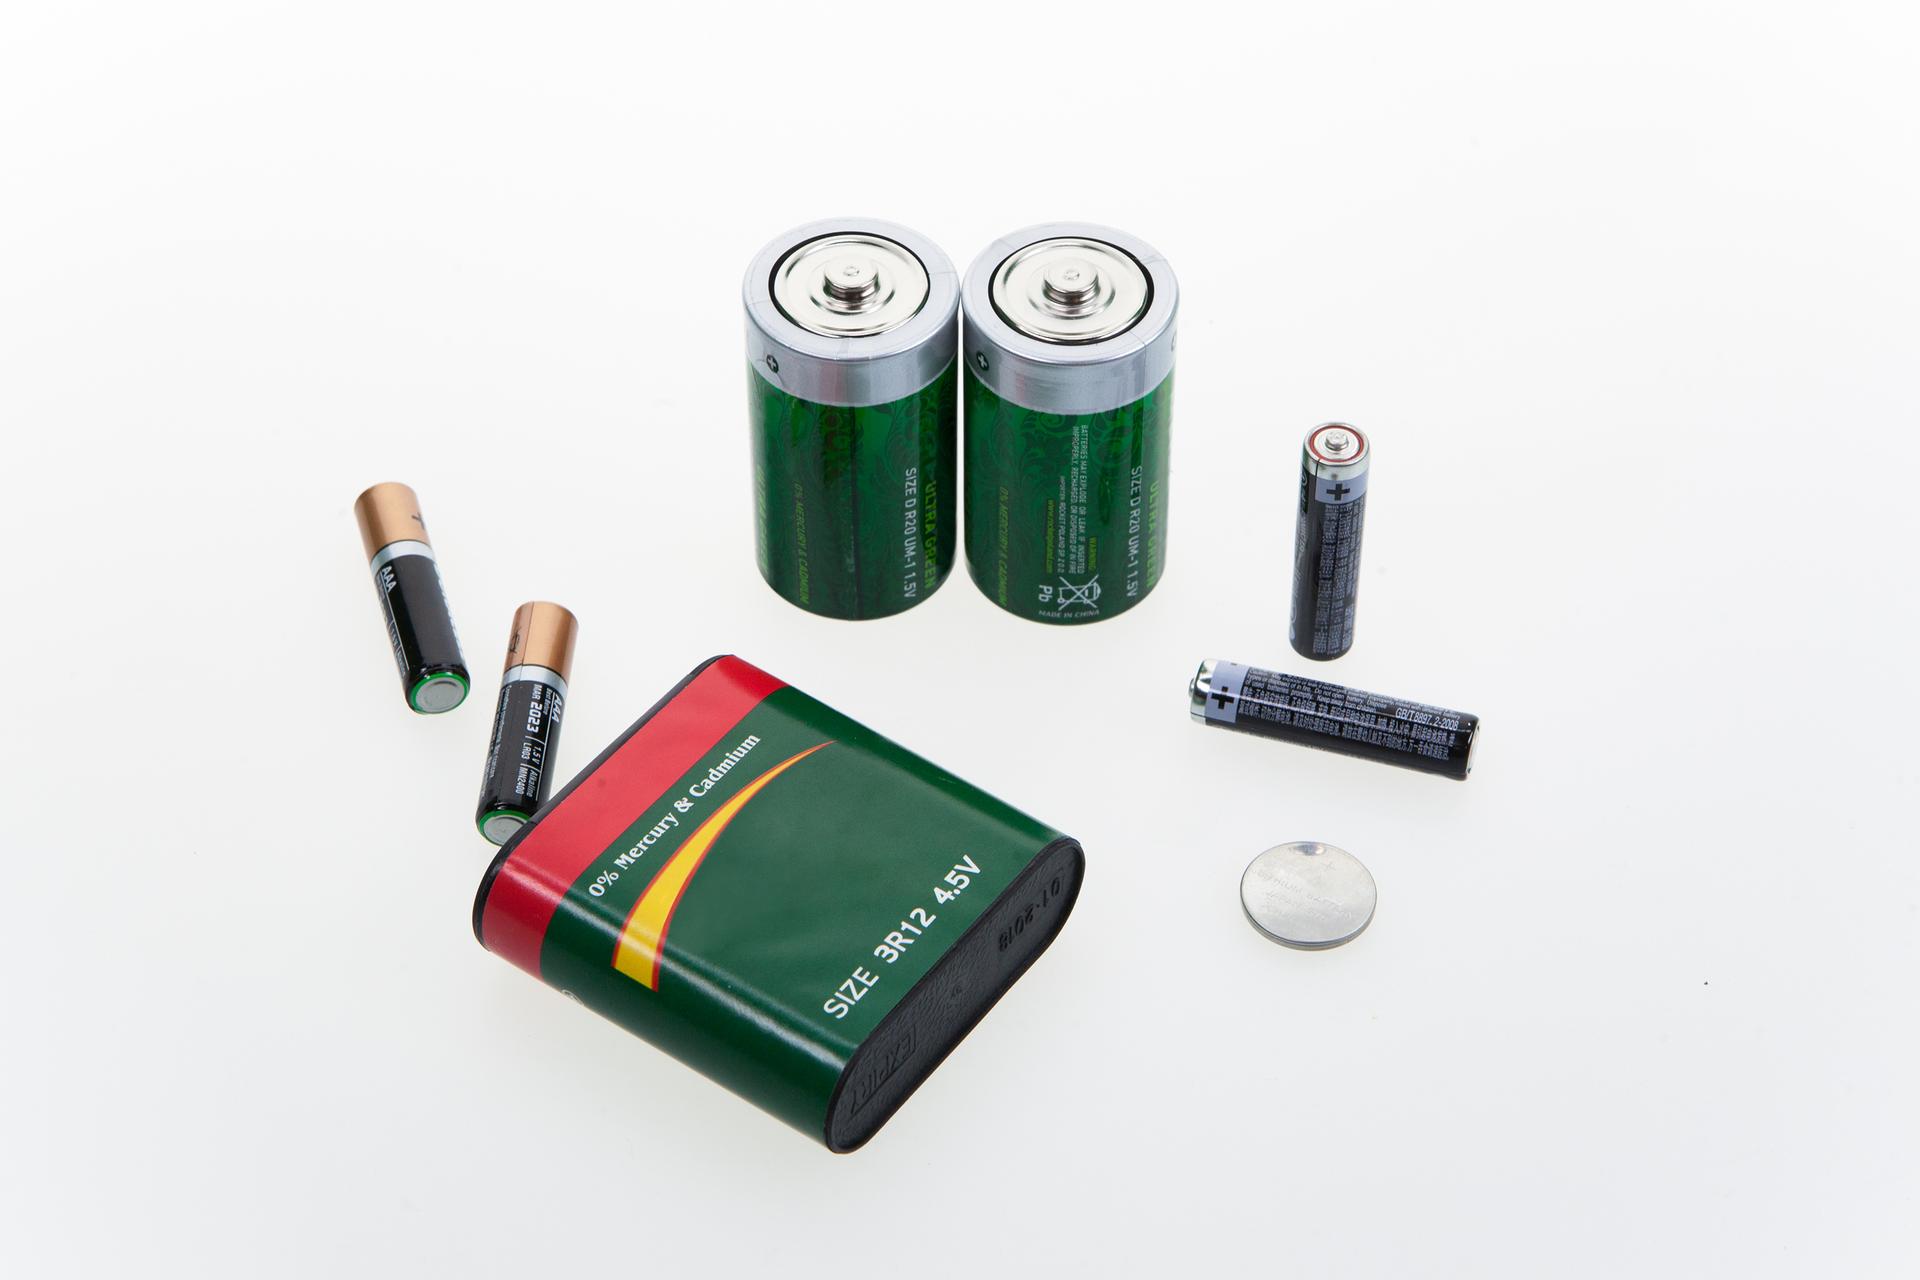 Zdjęcie przedstawia różnego rodzaju baterie na białym tle. Widać tu klasyczne paluszki, czyli baterie AA iAAA, większe baterie R20 ibaterię płaską starego typu, atakże baterię typu mini do kalkulatorów iinnych małych urządzeń.